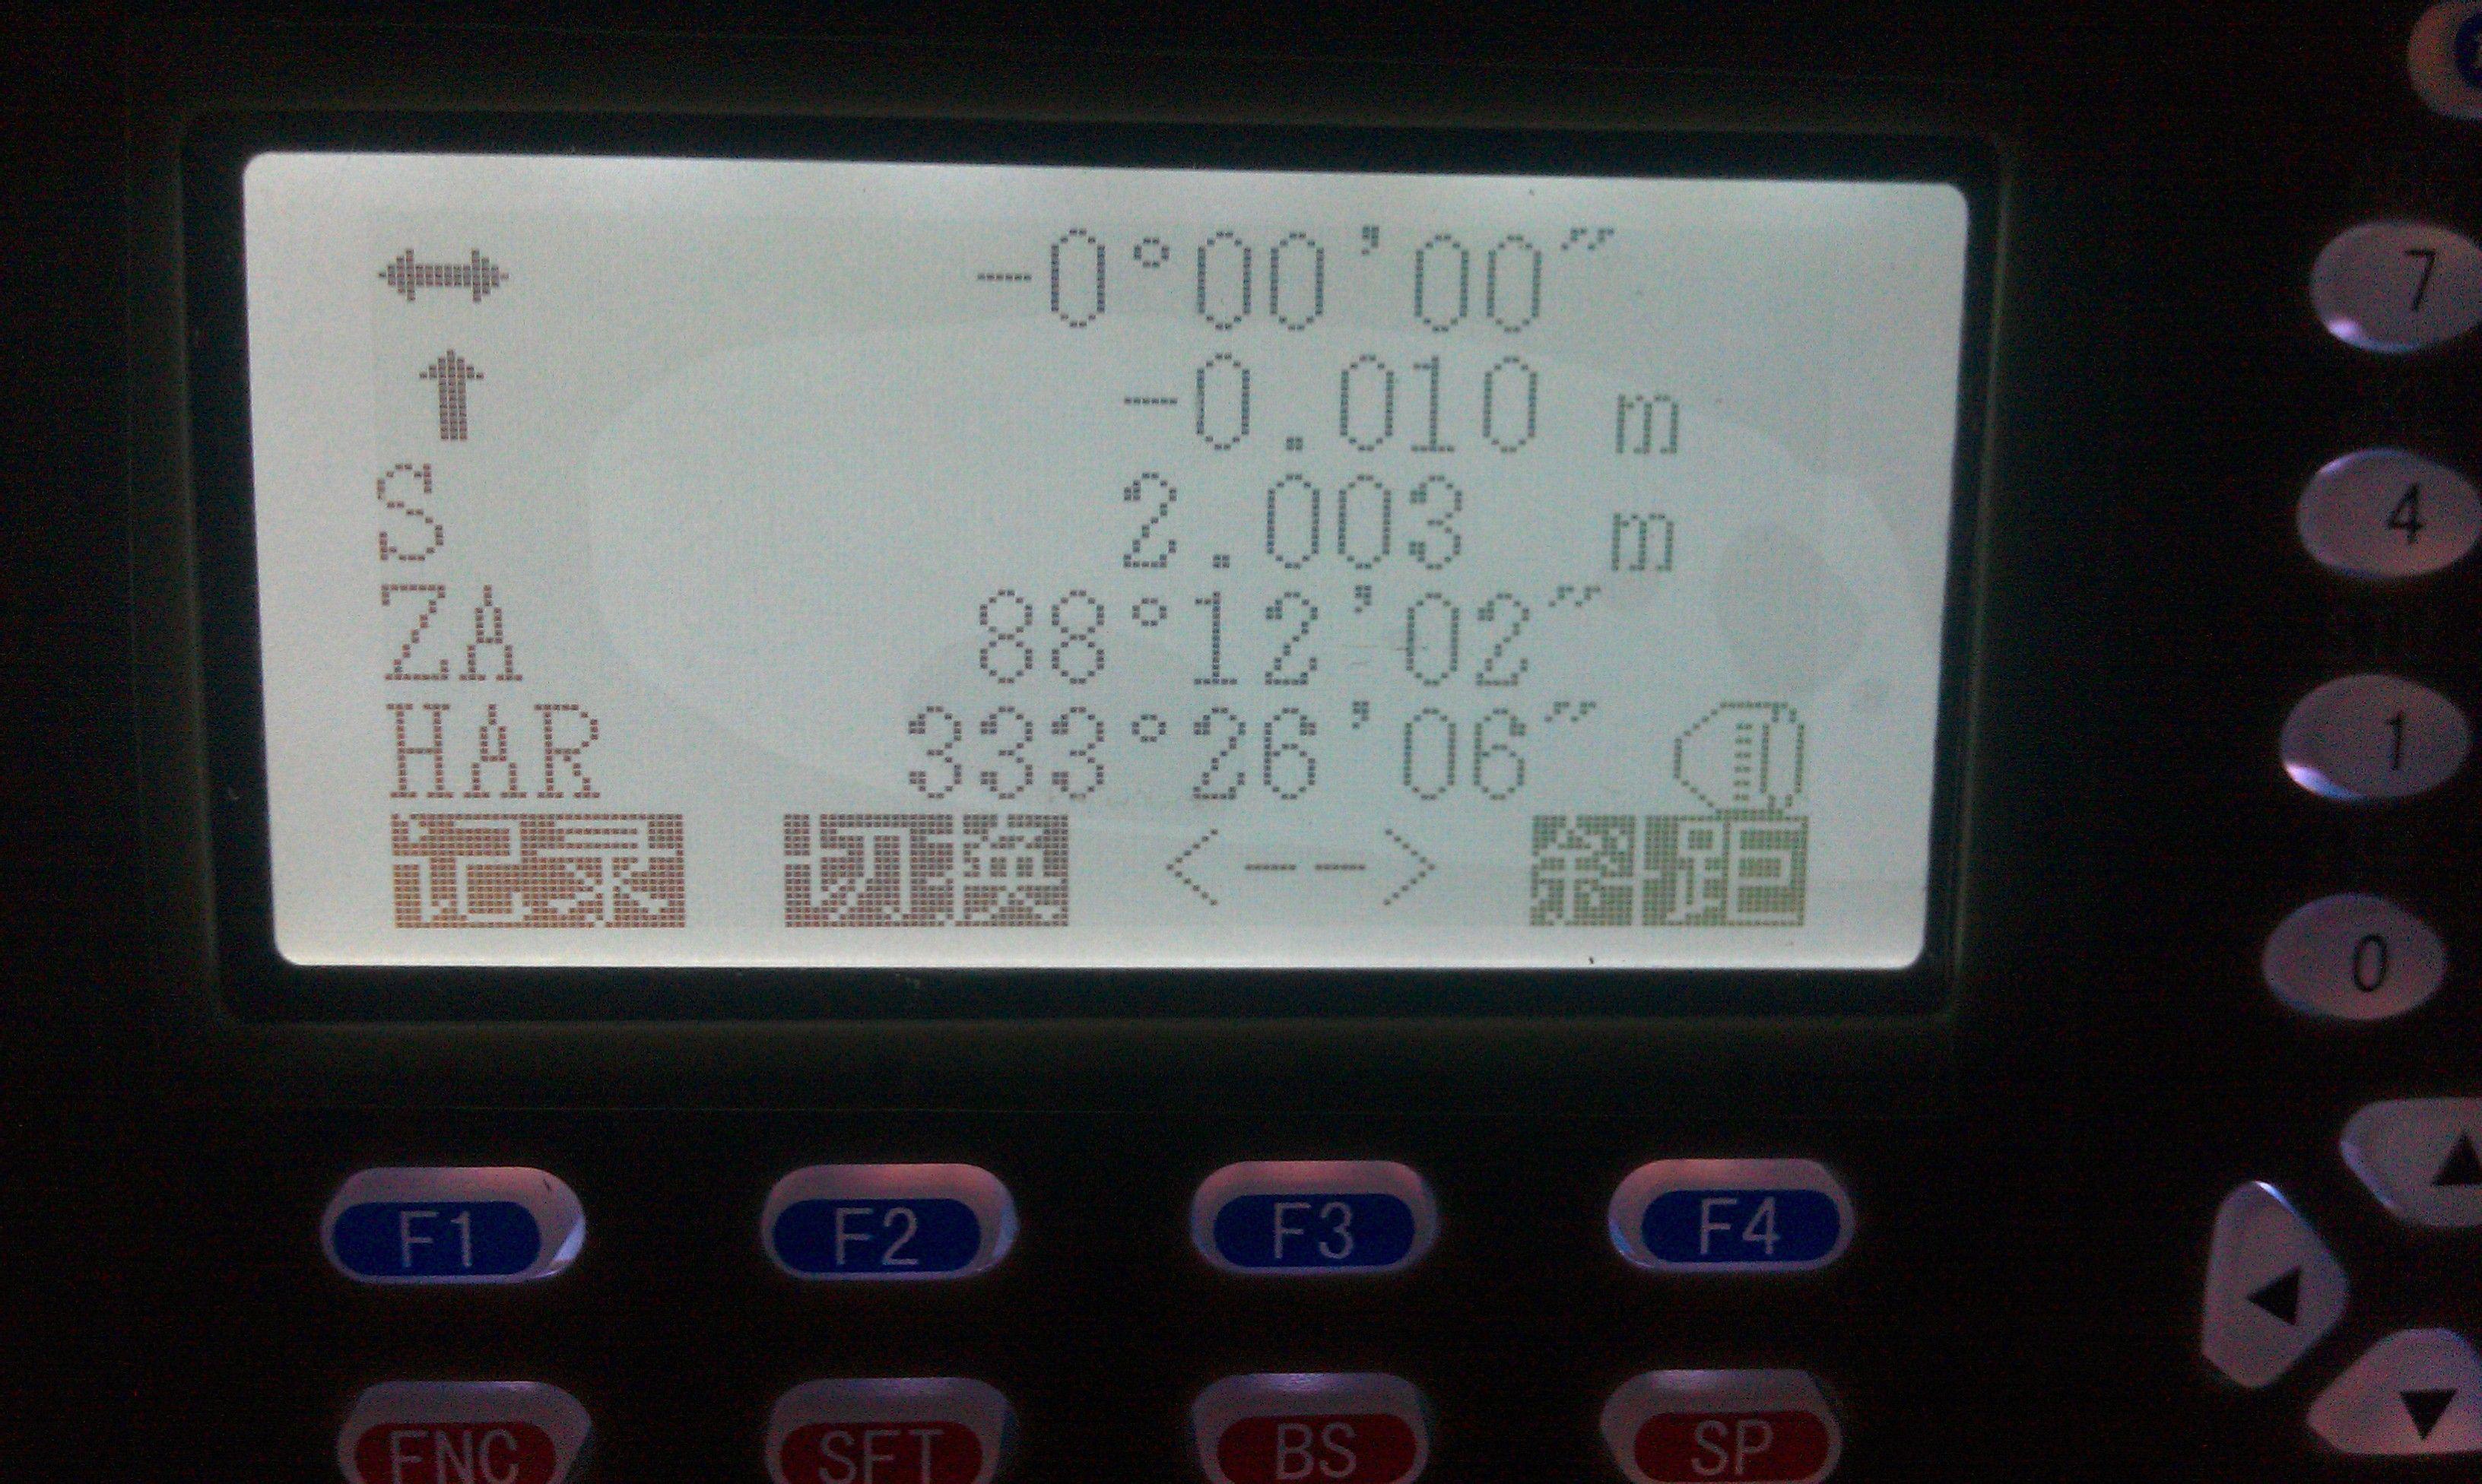 怎样用全站仪测量标高